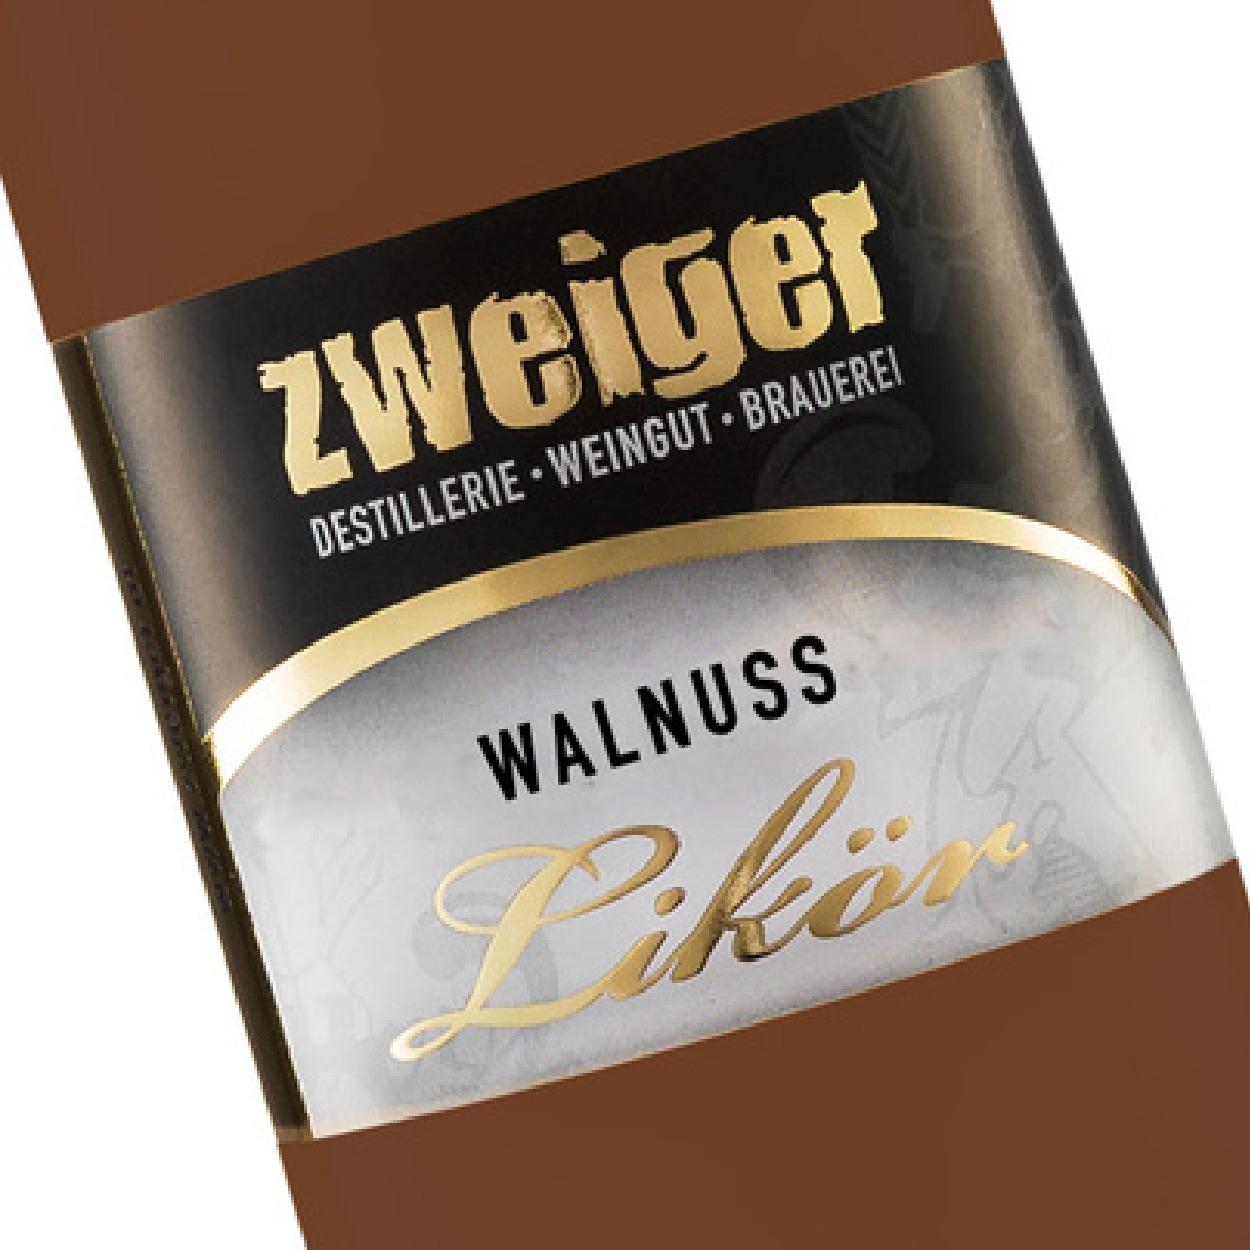 Walnuss Cremelikör Zweiger Destillerie